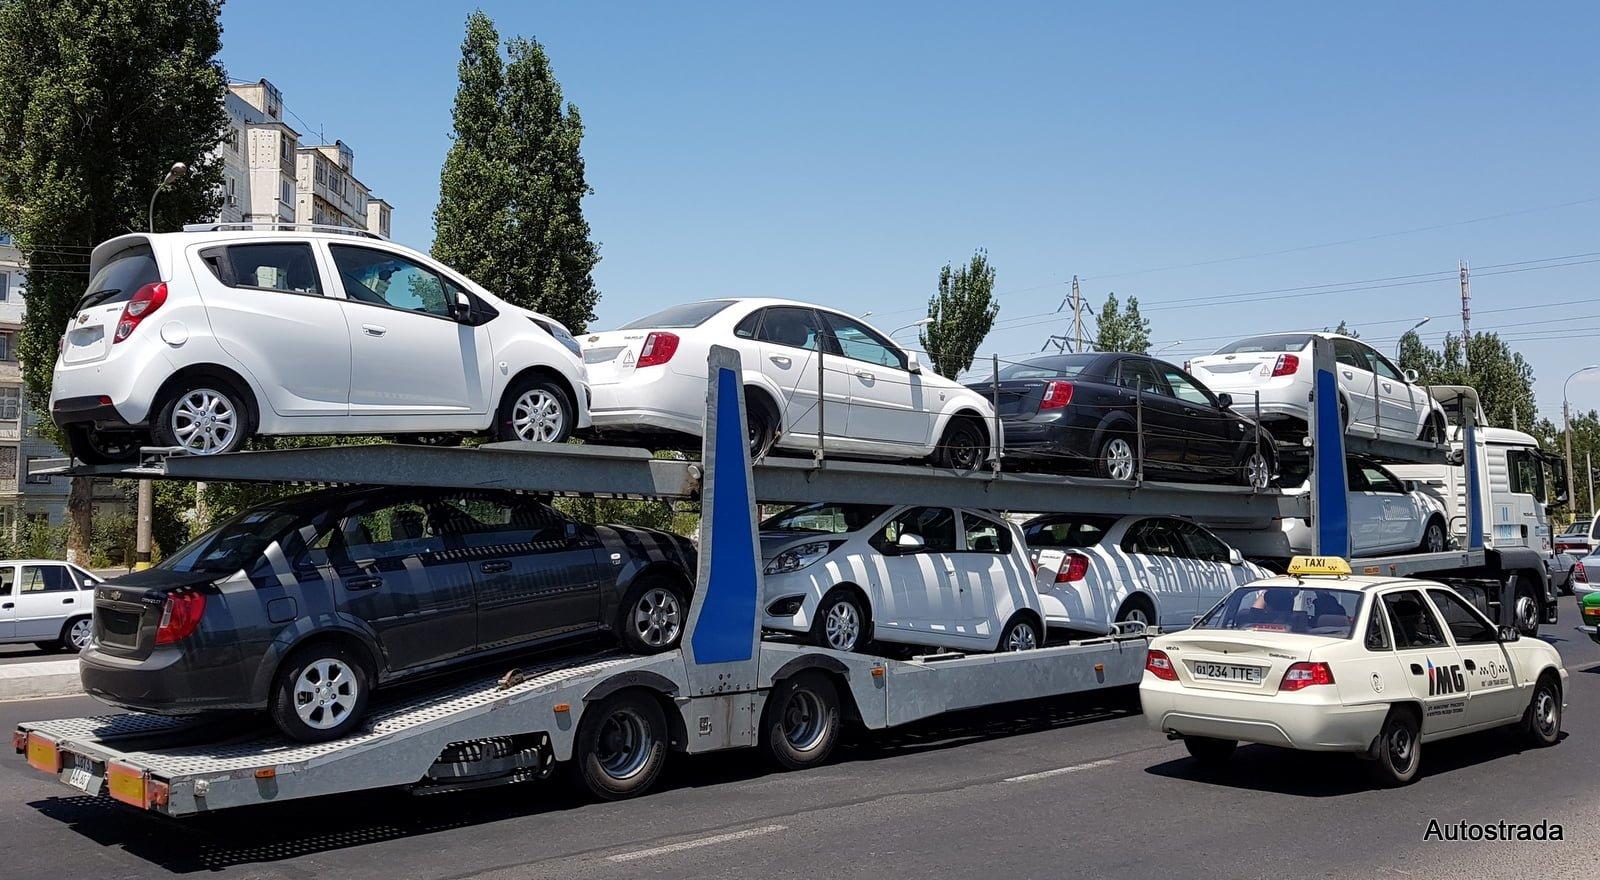 Автовоз с автомобилями GM Uzbekistan - Трейлер с машинами Chevrolet